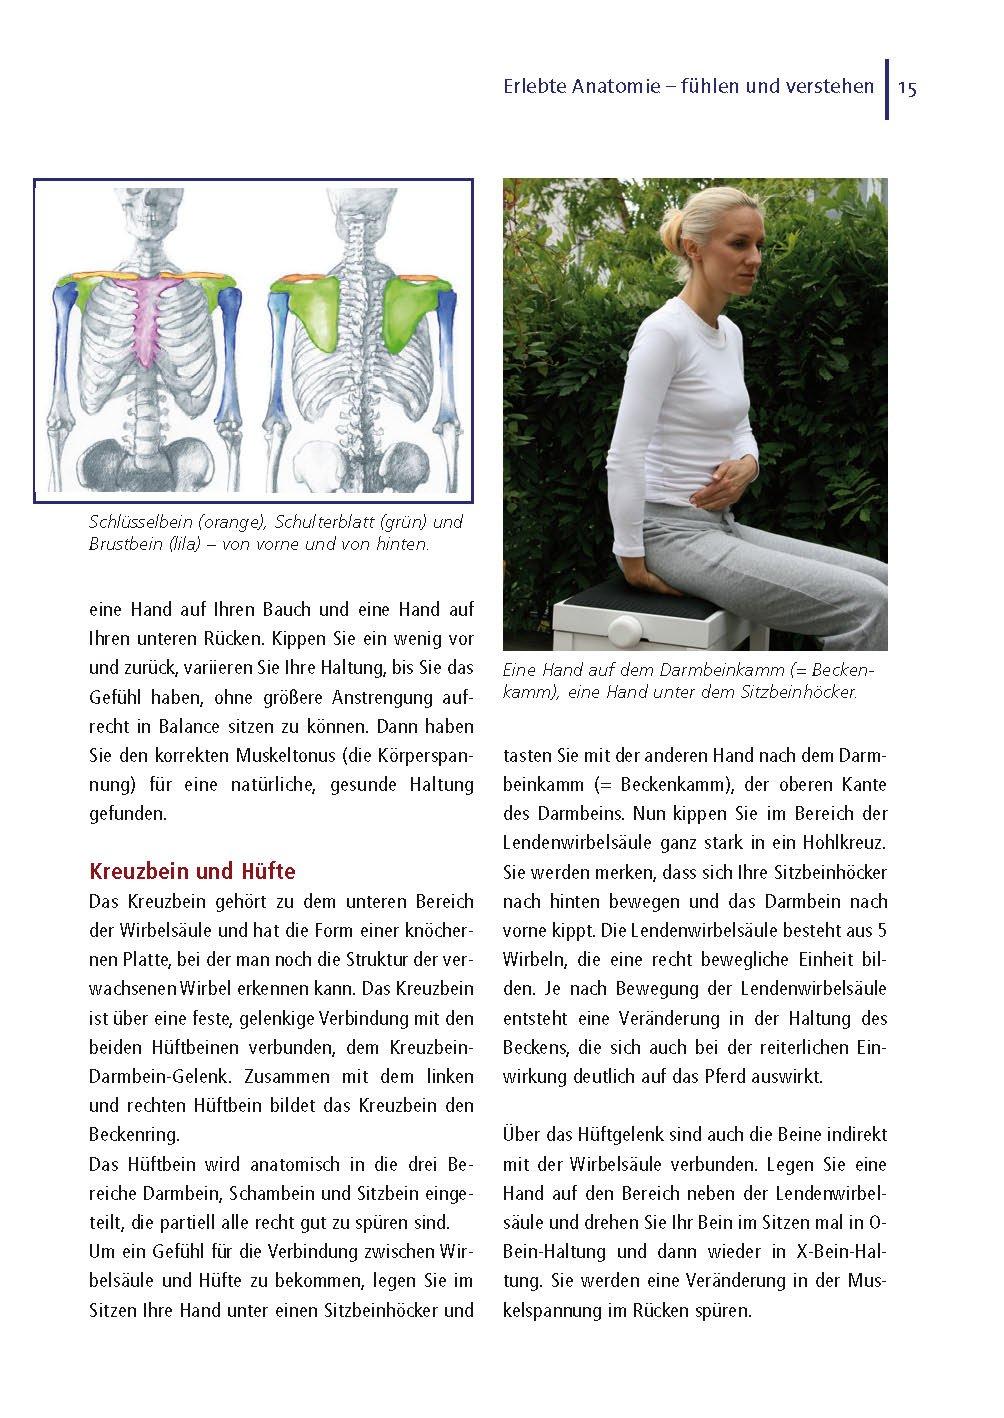 Gemütlich Anatomie Der Unteren Rücken Und Hüfte Fotos - Physiologie ...